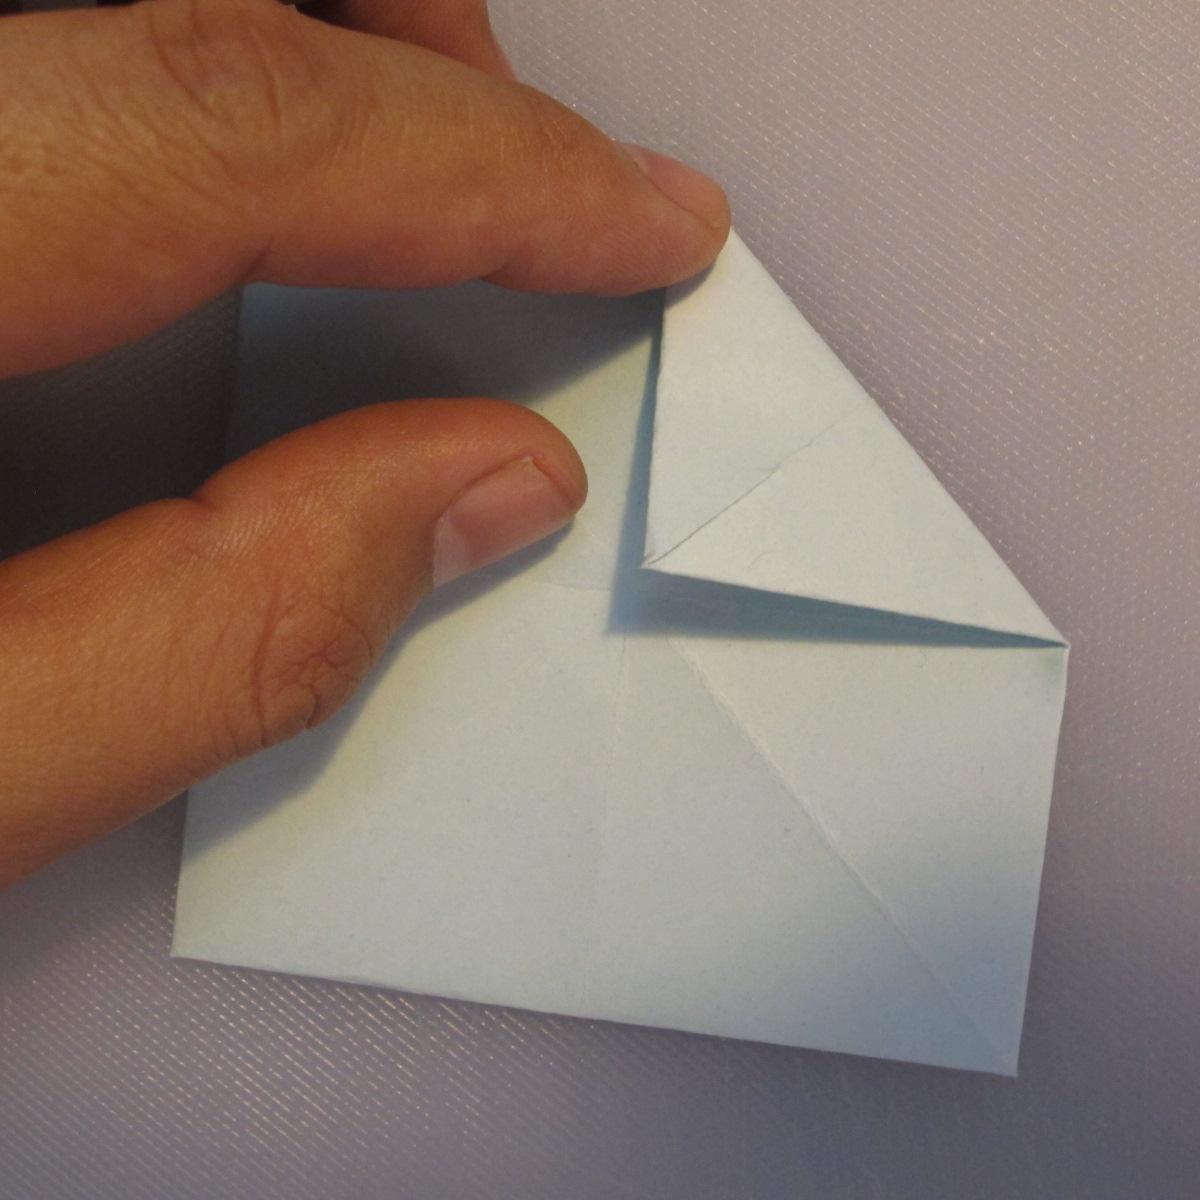 วิธีพับกระดาษเป็นรูปผีเสื้อ 004